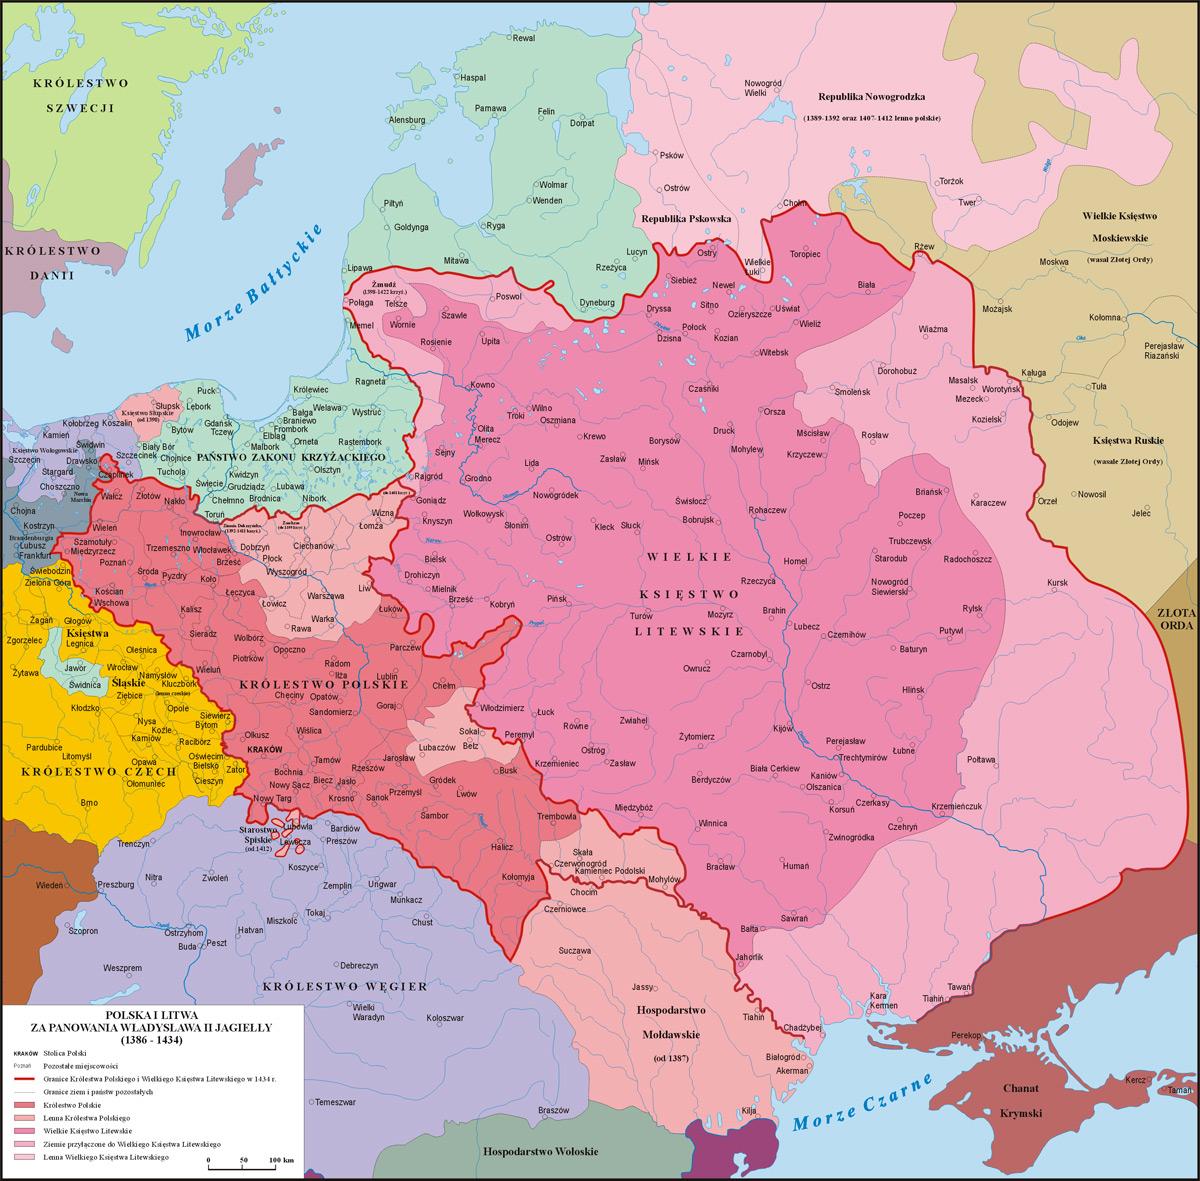 Mapa Polski za panowania Władysława II Jagiełły (1386 - 1434)